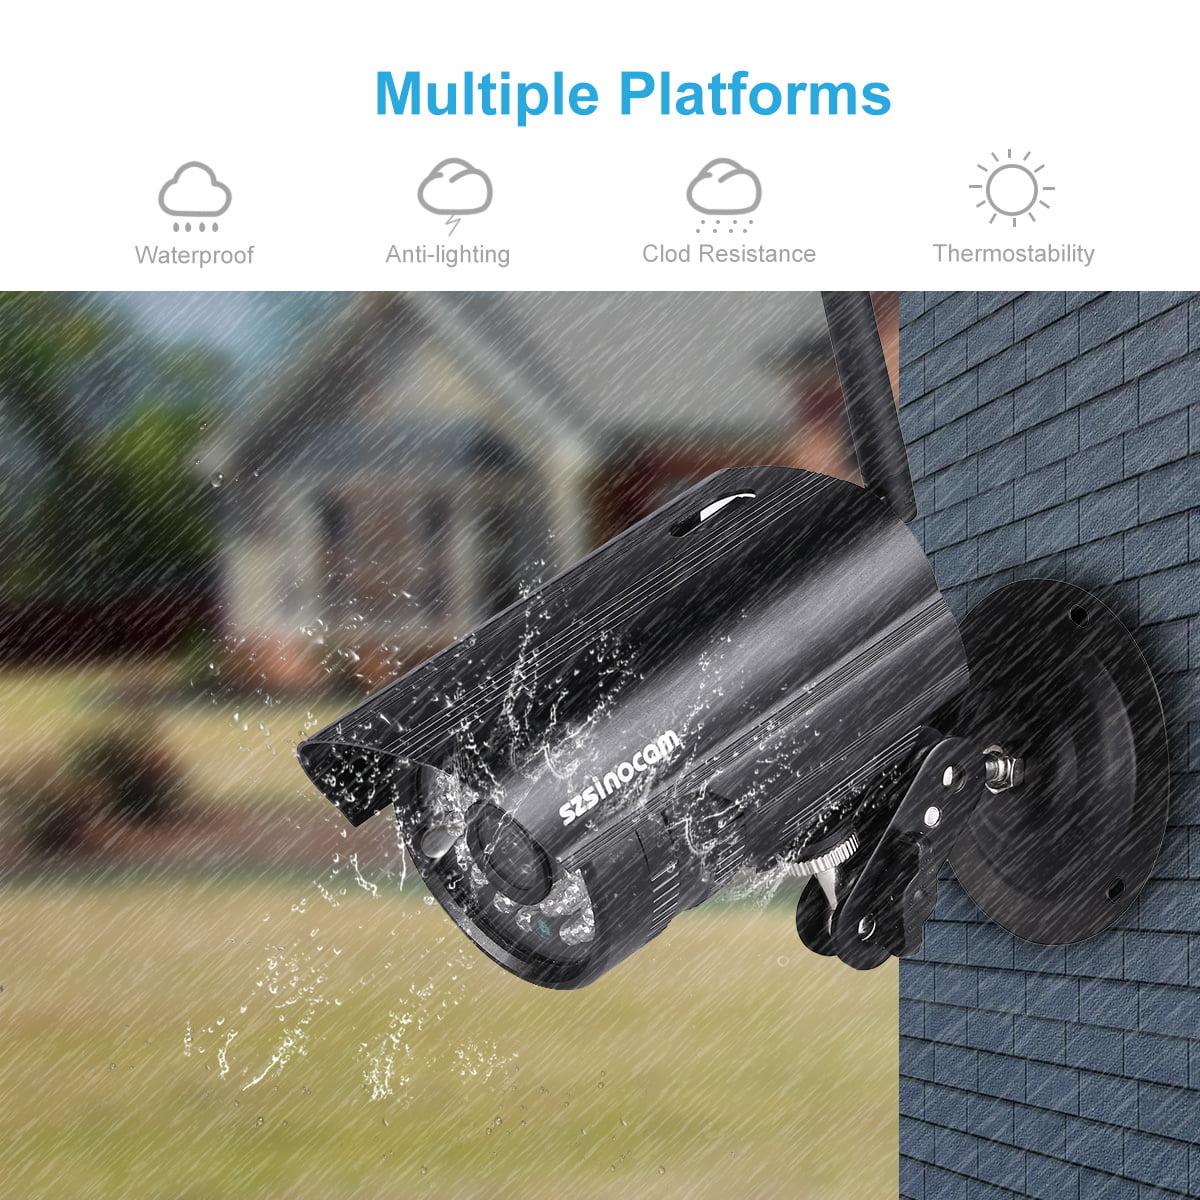 Szsinocam 720P Waterproof WLAN Wireleess 1 0Megapixel Security CCTV WiFi IP  Camera EU